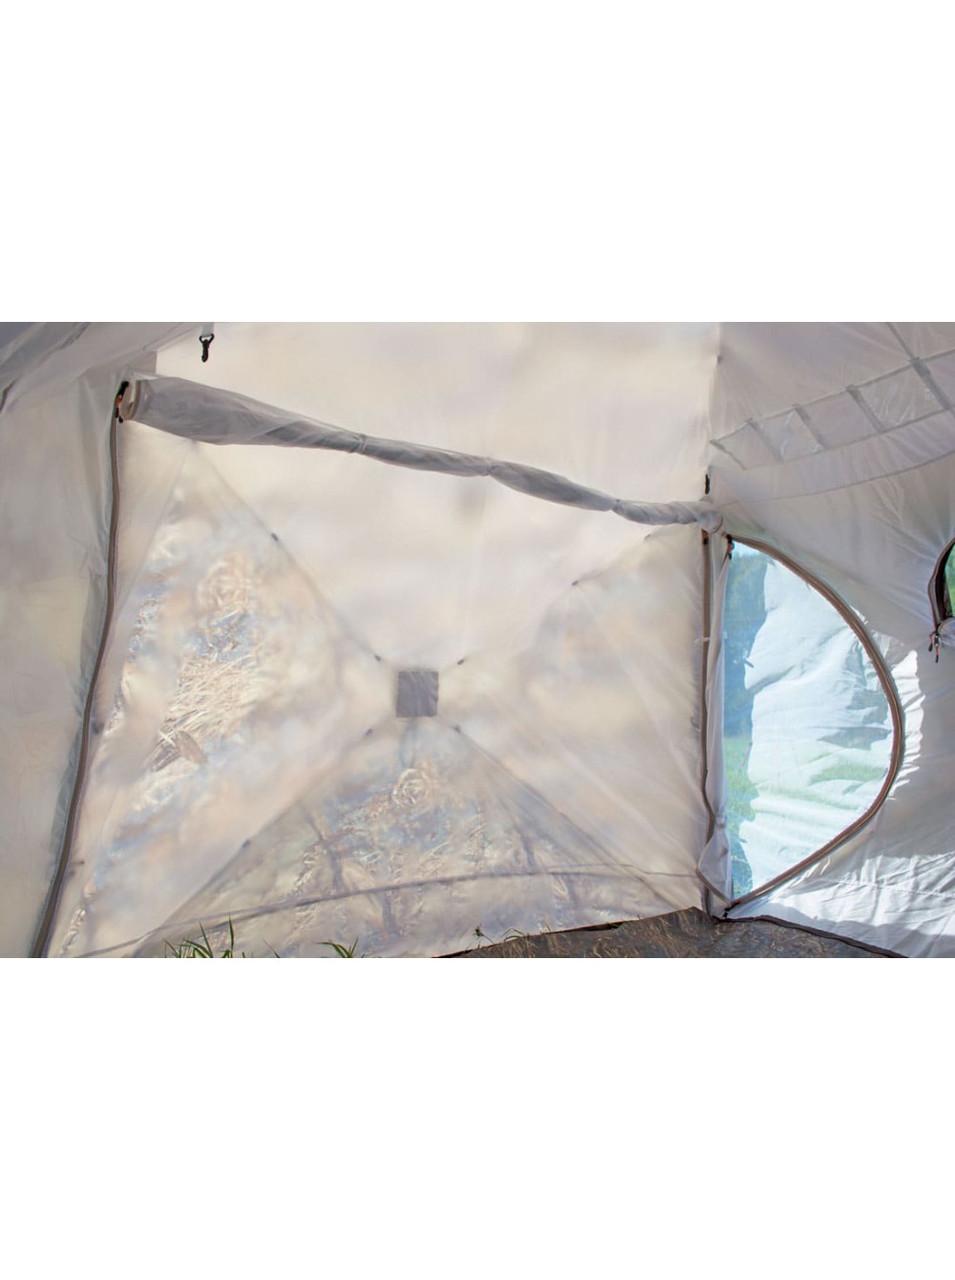 Палатка всесезонная Берег КУБ 2.20 двухслойная, непромокаемый пол из ПВХ размер 2,2 х 2,2 х 1,9 м. - фото 8